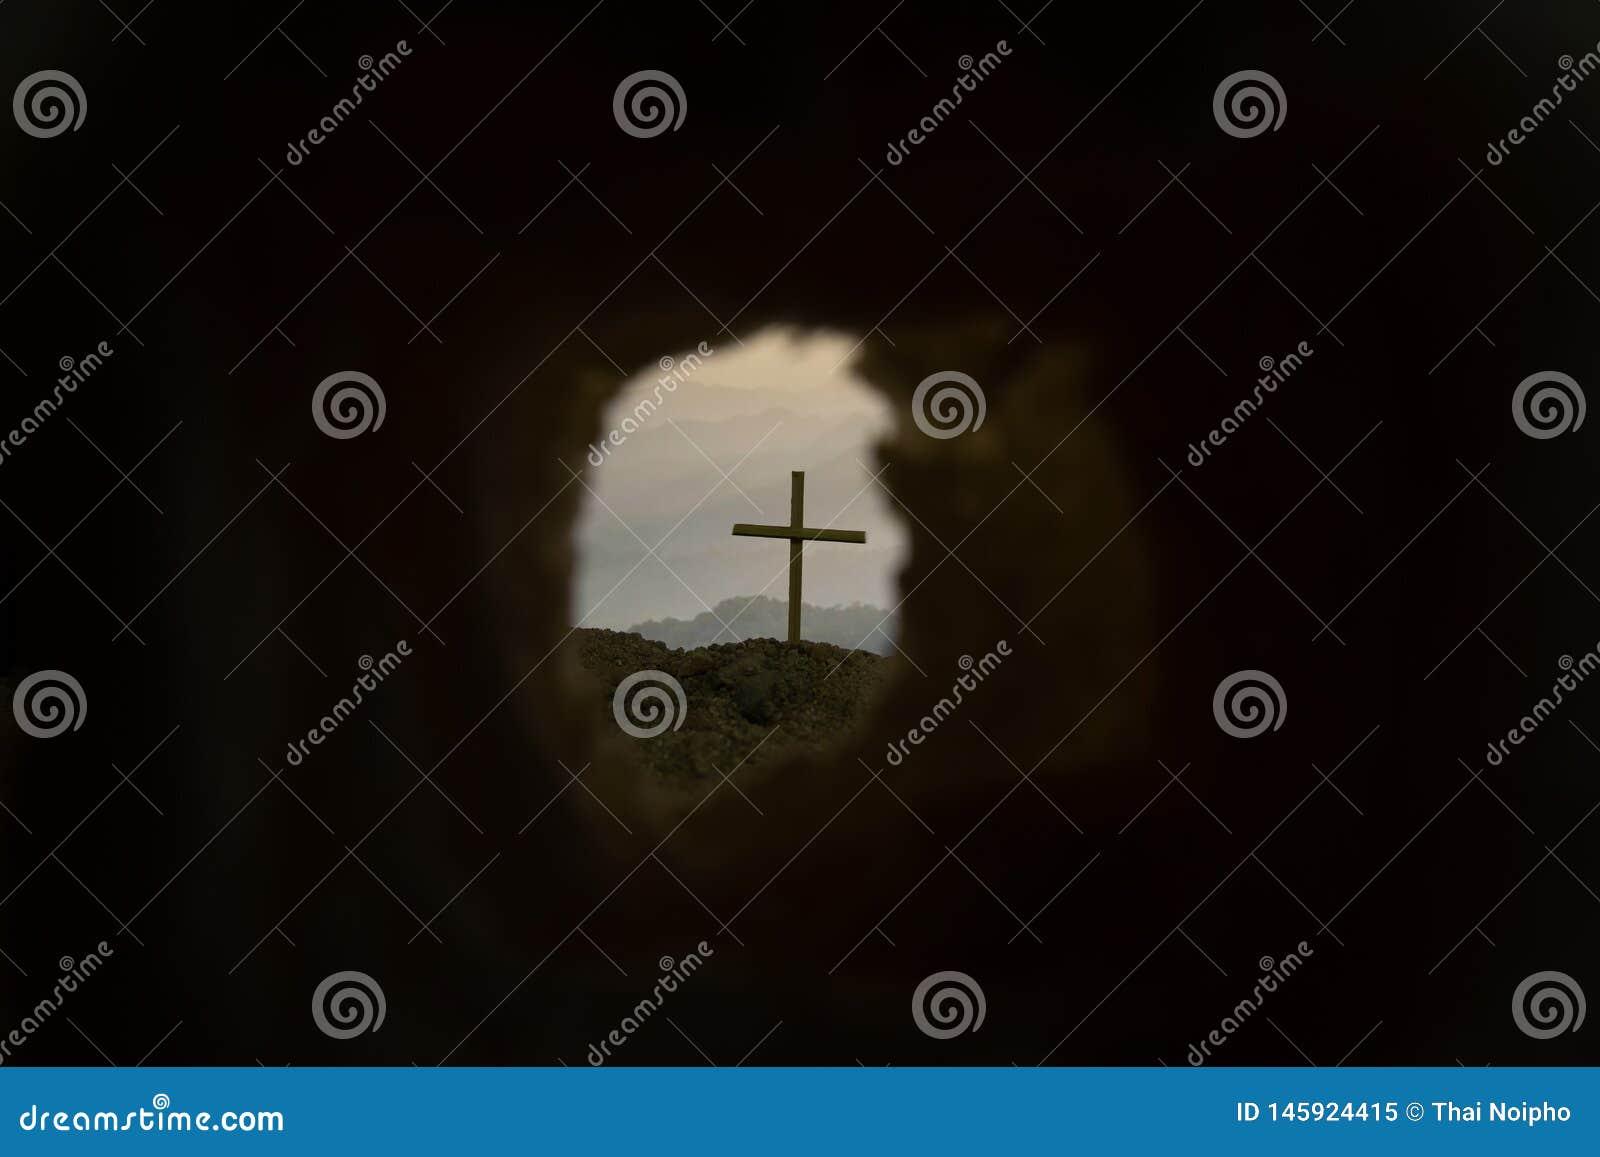 Το διαγώνιο σύμβολο για το Ιησούς Χριστό αυξάνεται